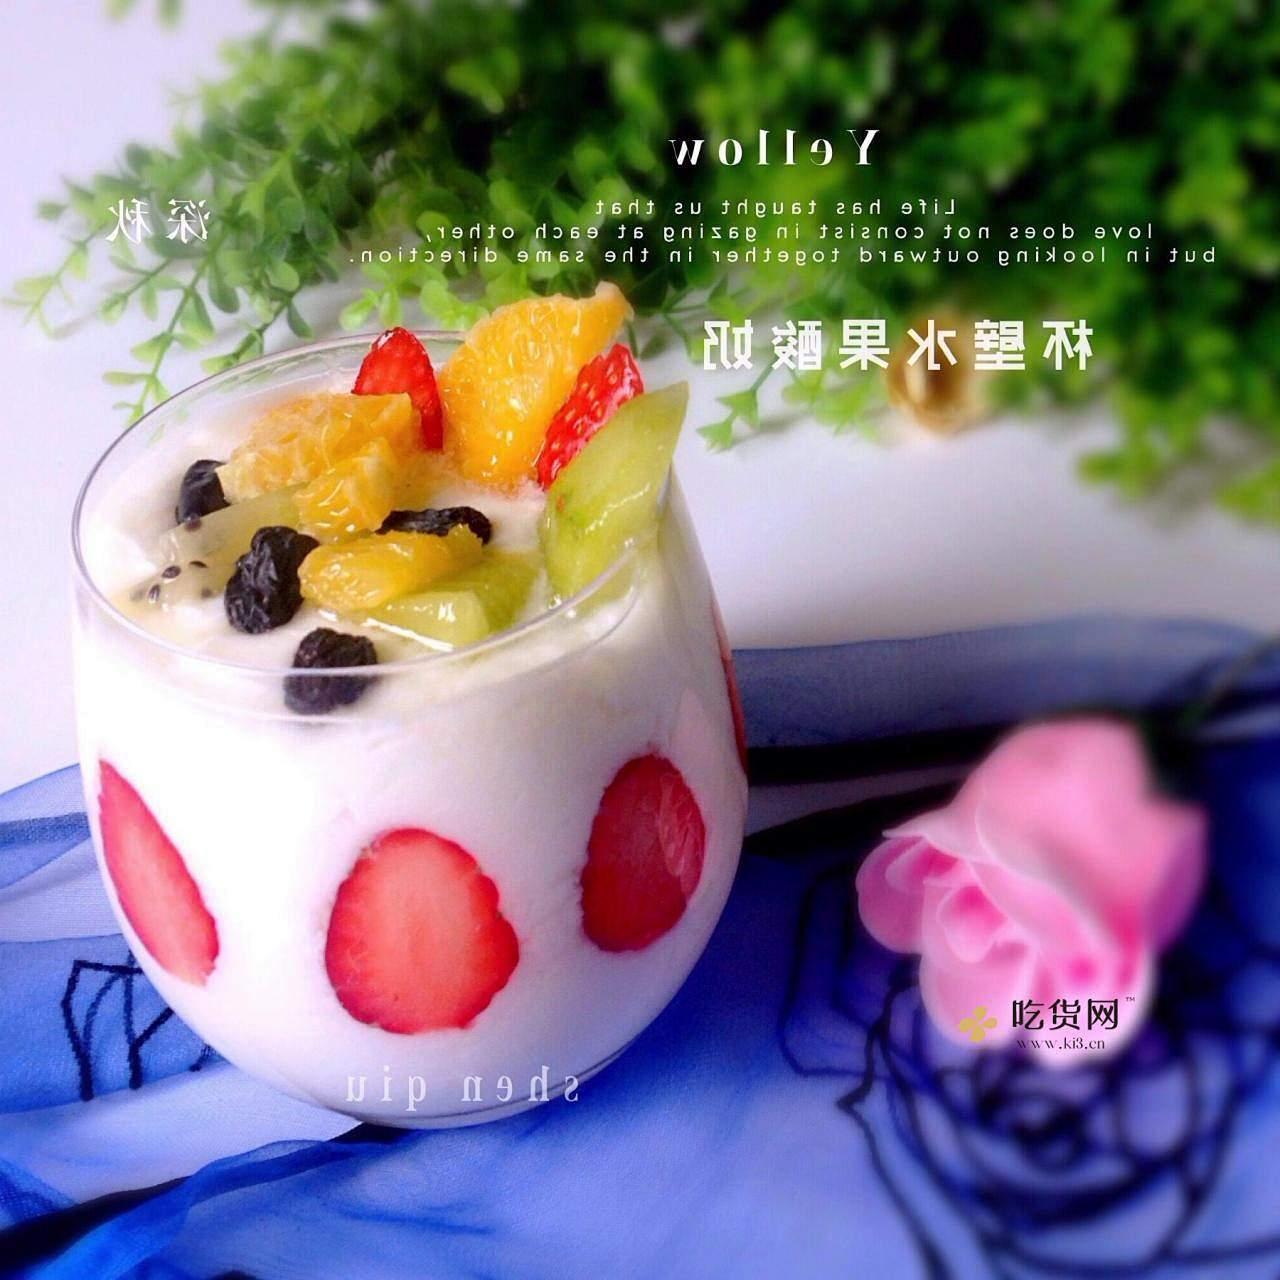 杯壁水果酸奶的做法 步骤6